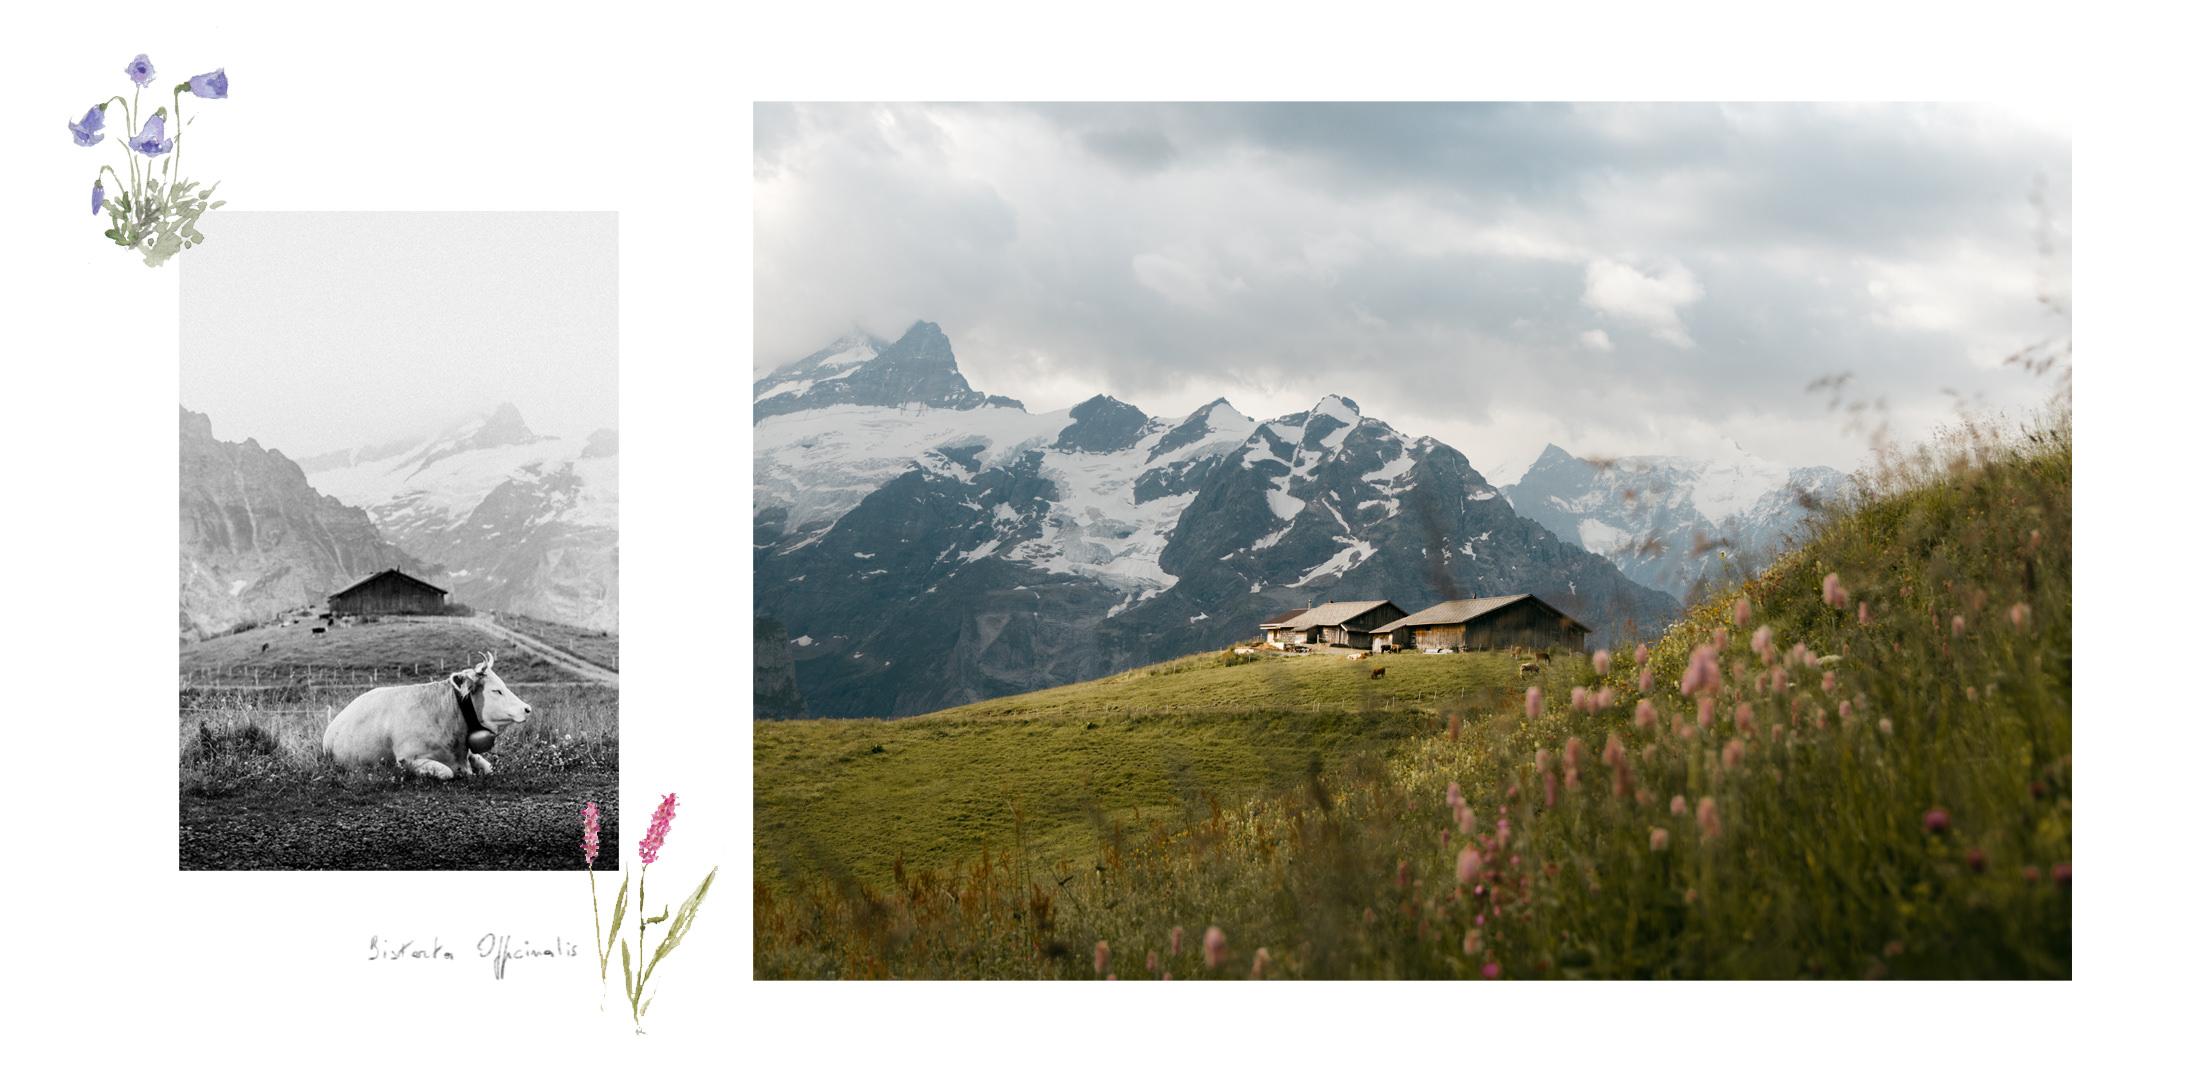 Grosse Scheidegg - First